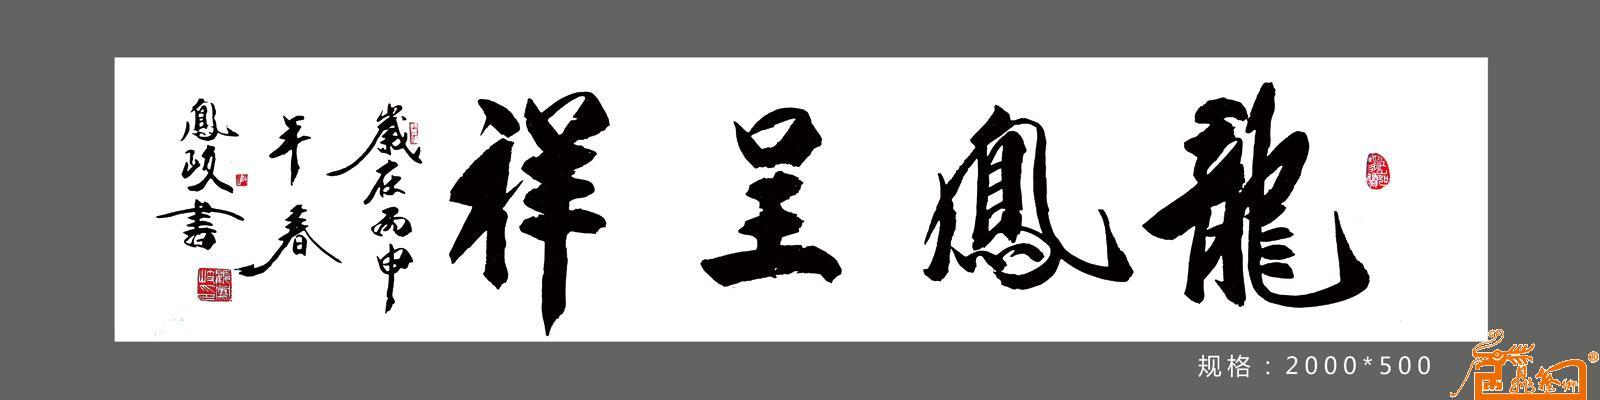 顾凤岐-龙凤呈祥-淘宝-名人字画-中国书画服务中心,,.